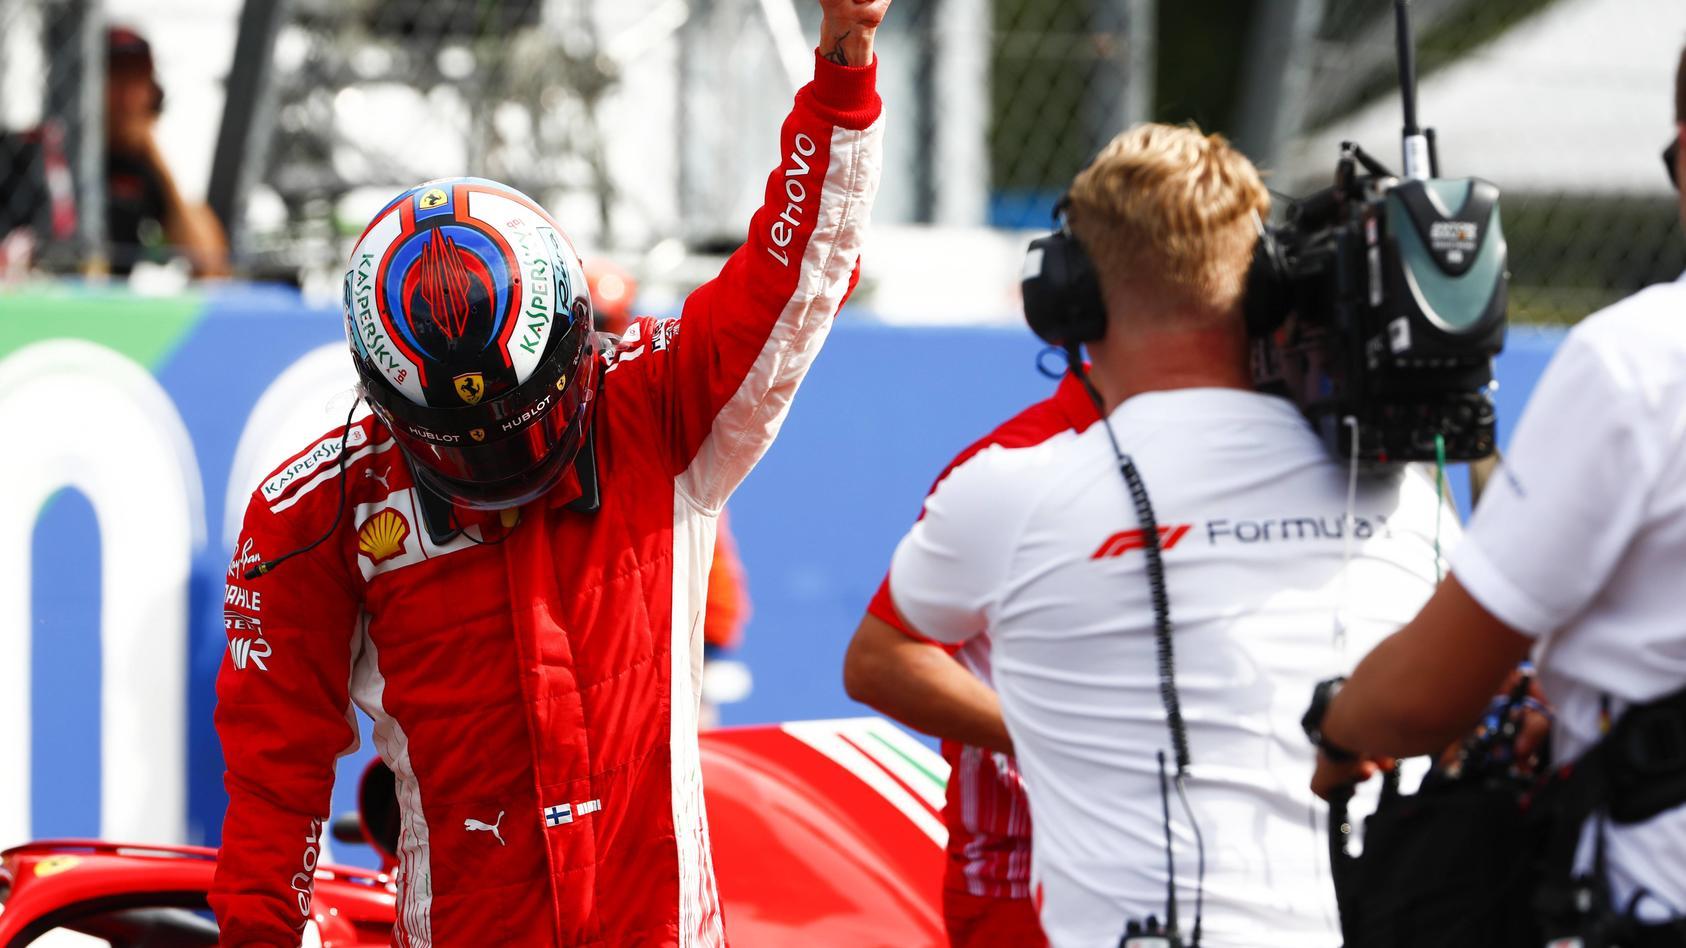 So schnell wie Kimi Räikkönen bei seiner Pole in Monza war noch nie ein F1-Pilot